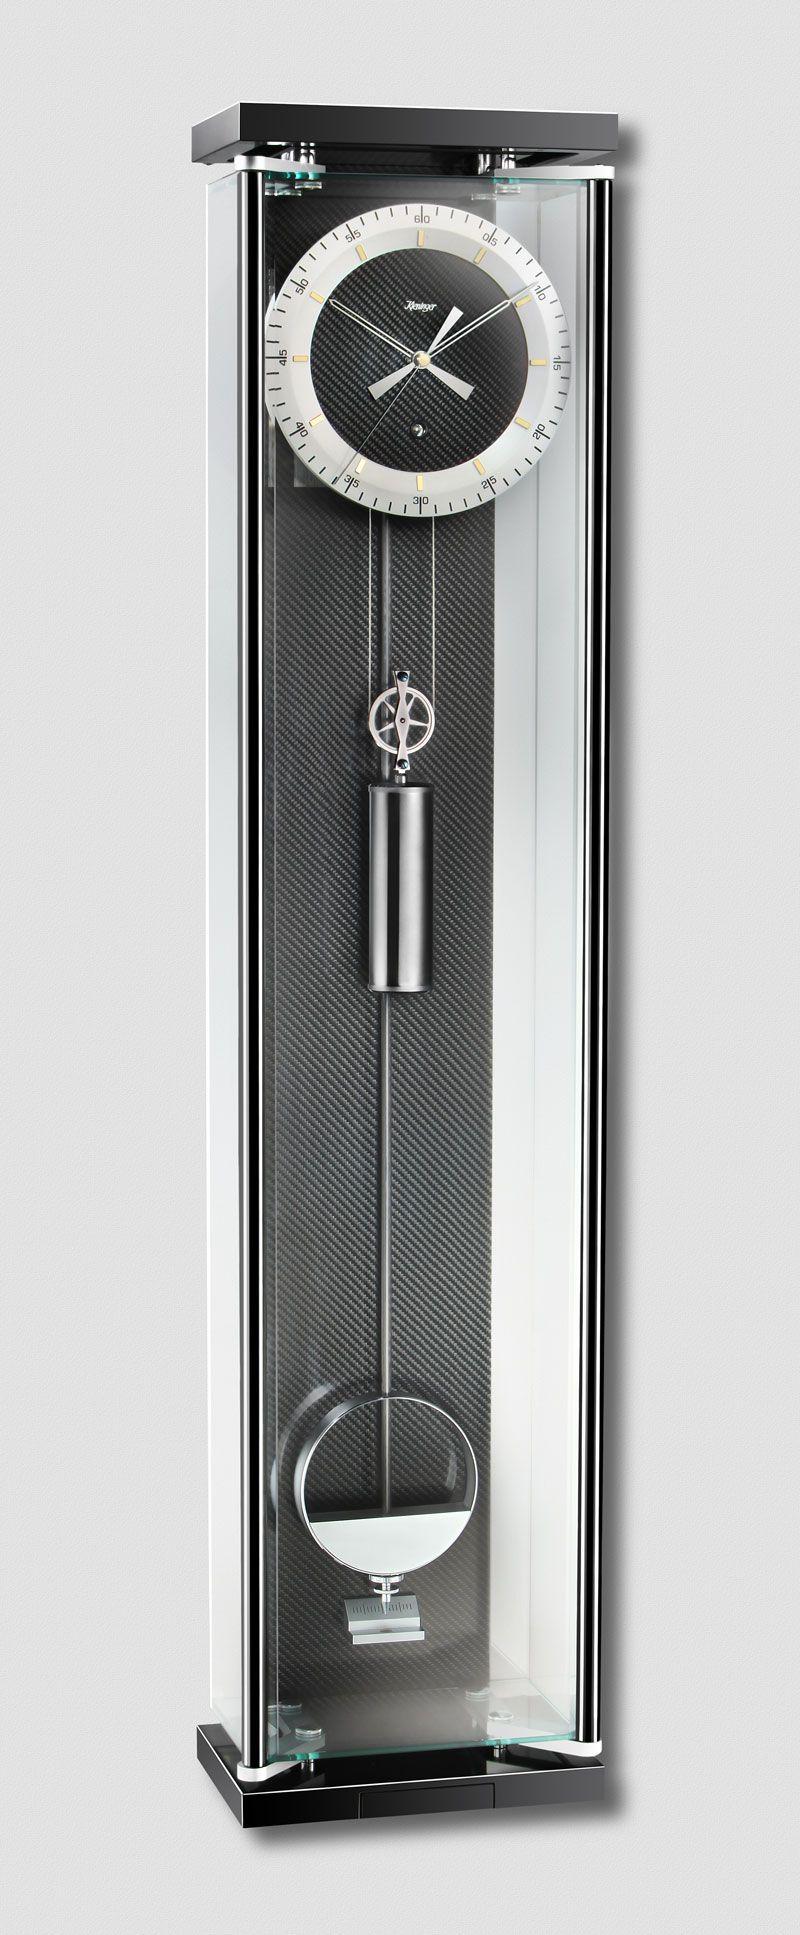 Kieninger precision pendulum regulator glass case carbon fiber kieninger precision pendulum regulator glass case carbon fiber back panel amipublicfo Images